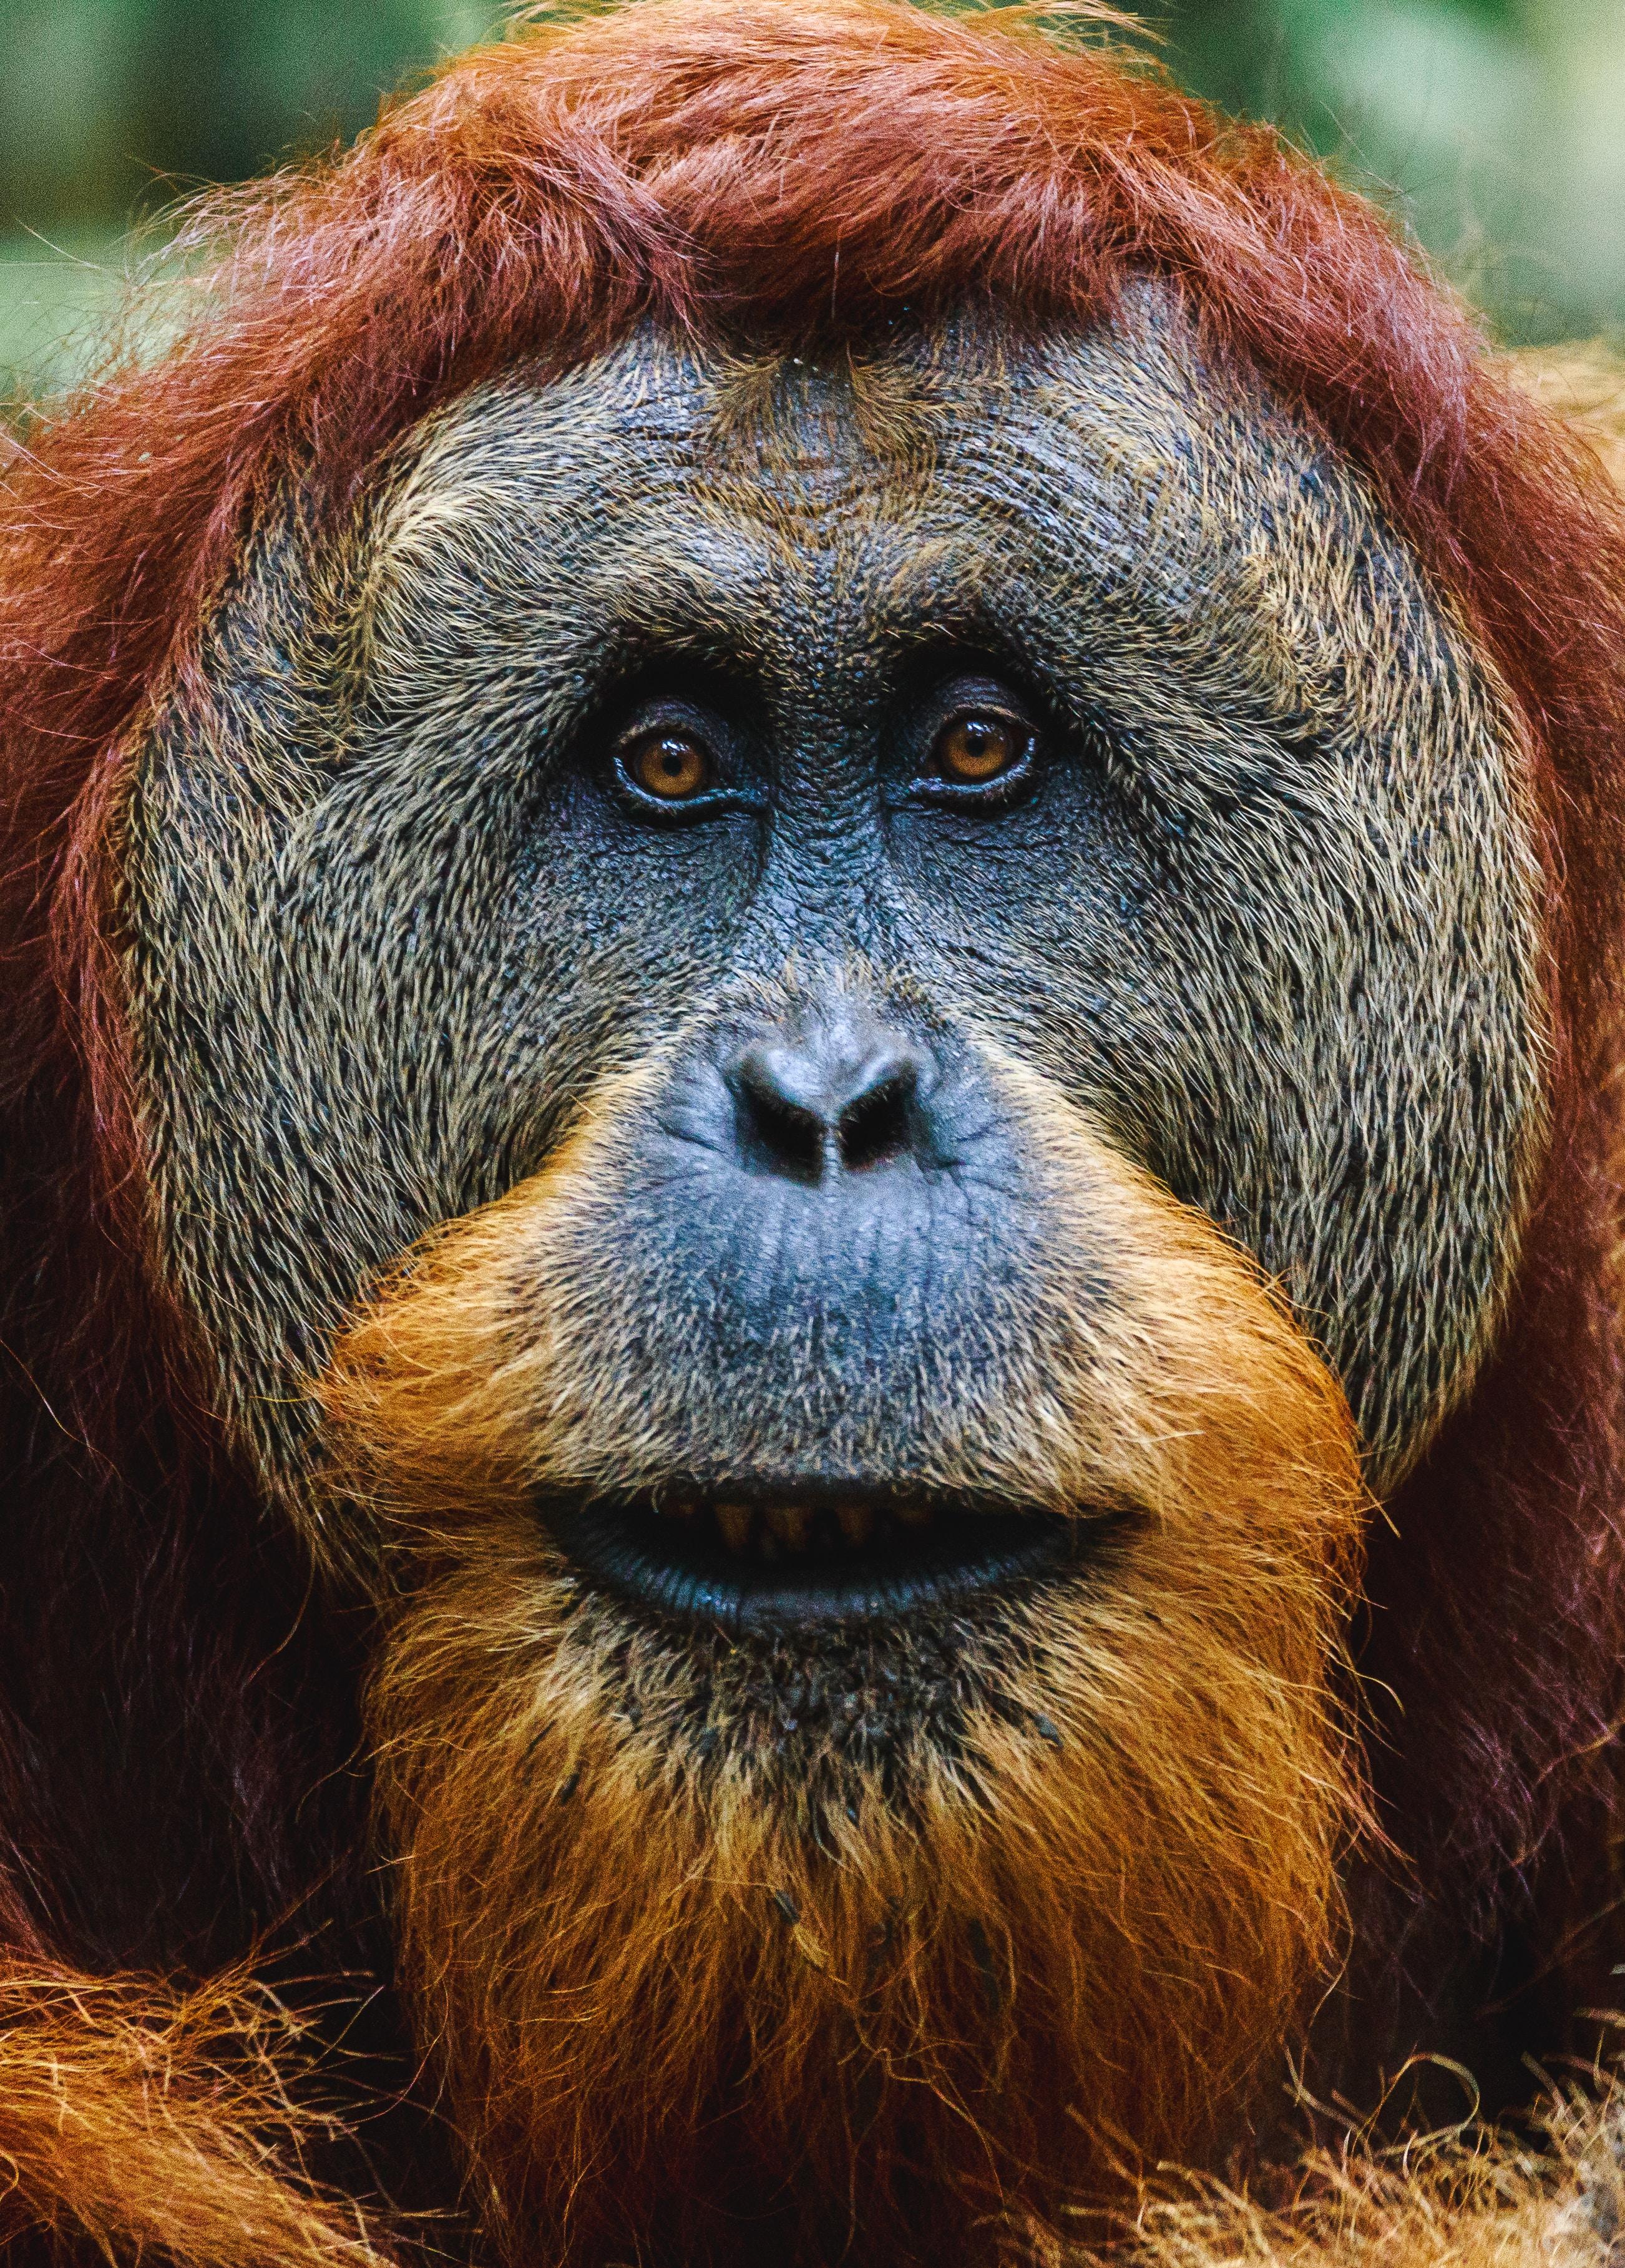 close-up photo of orangutan